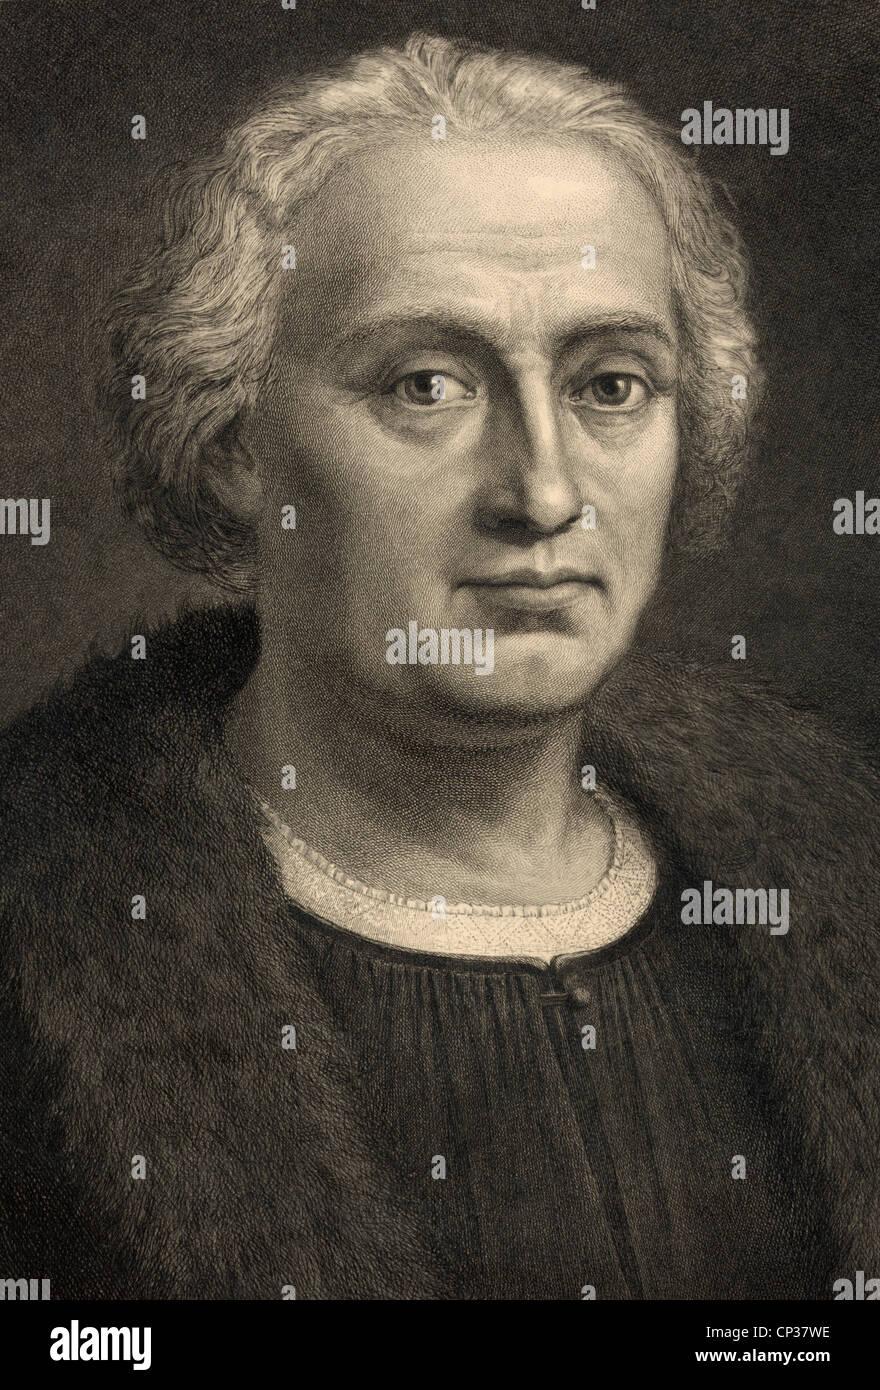 Christopher Columbus 1451-1506. Italiano Spagnolo nato finanziate explorer scopritore di America. Foto Stock